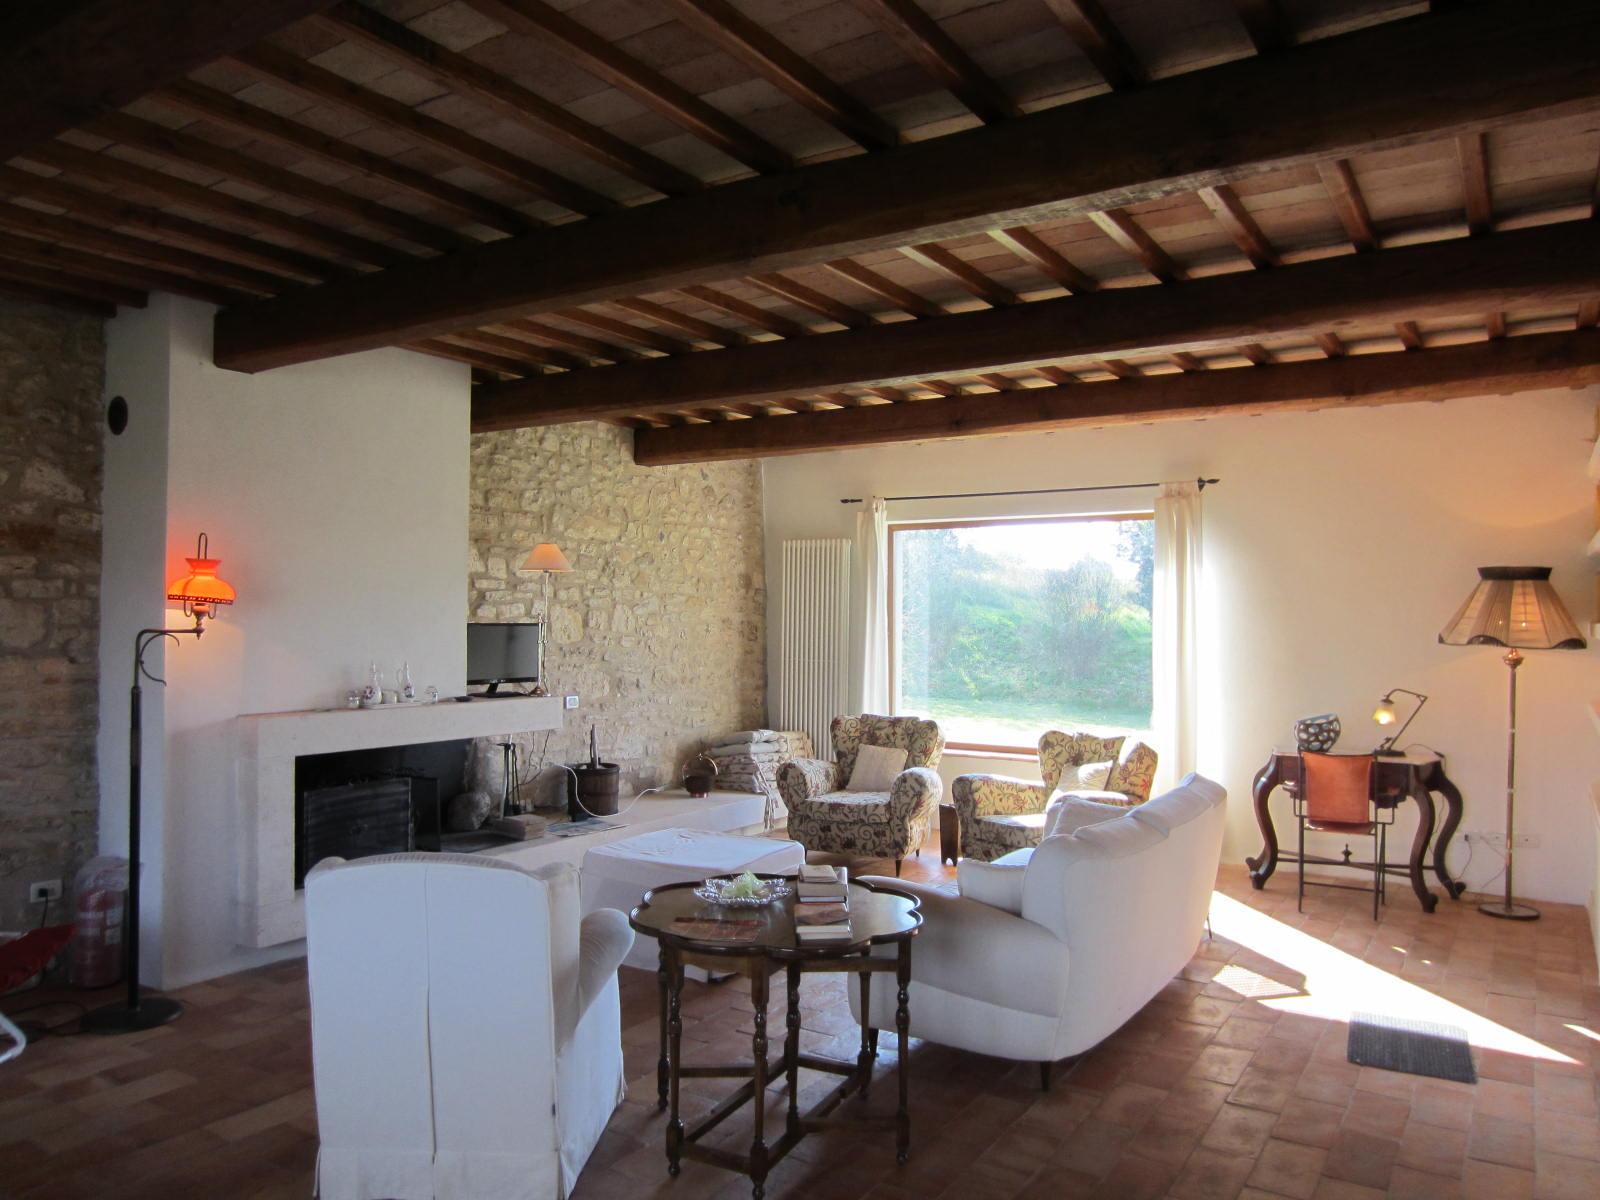 affitto villa campagna calvi dell umbria 8263 (20140313120343-2014-23291-NDP.JPG)